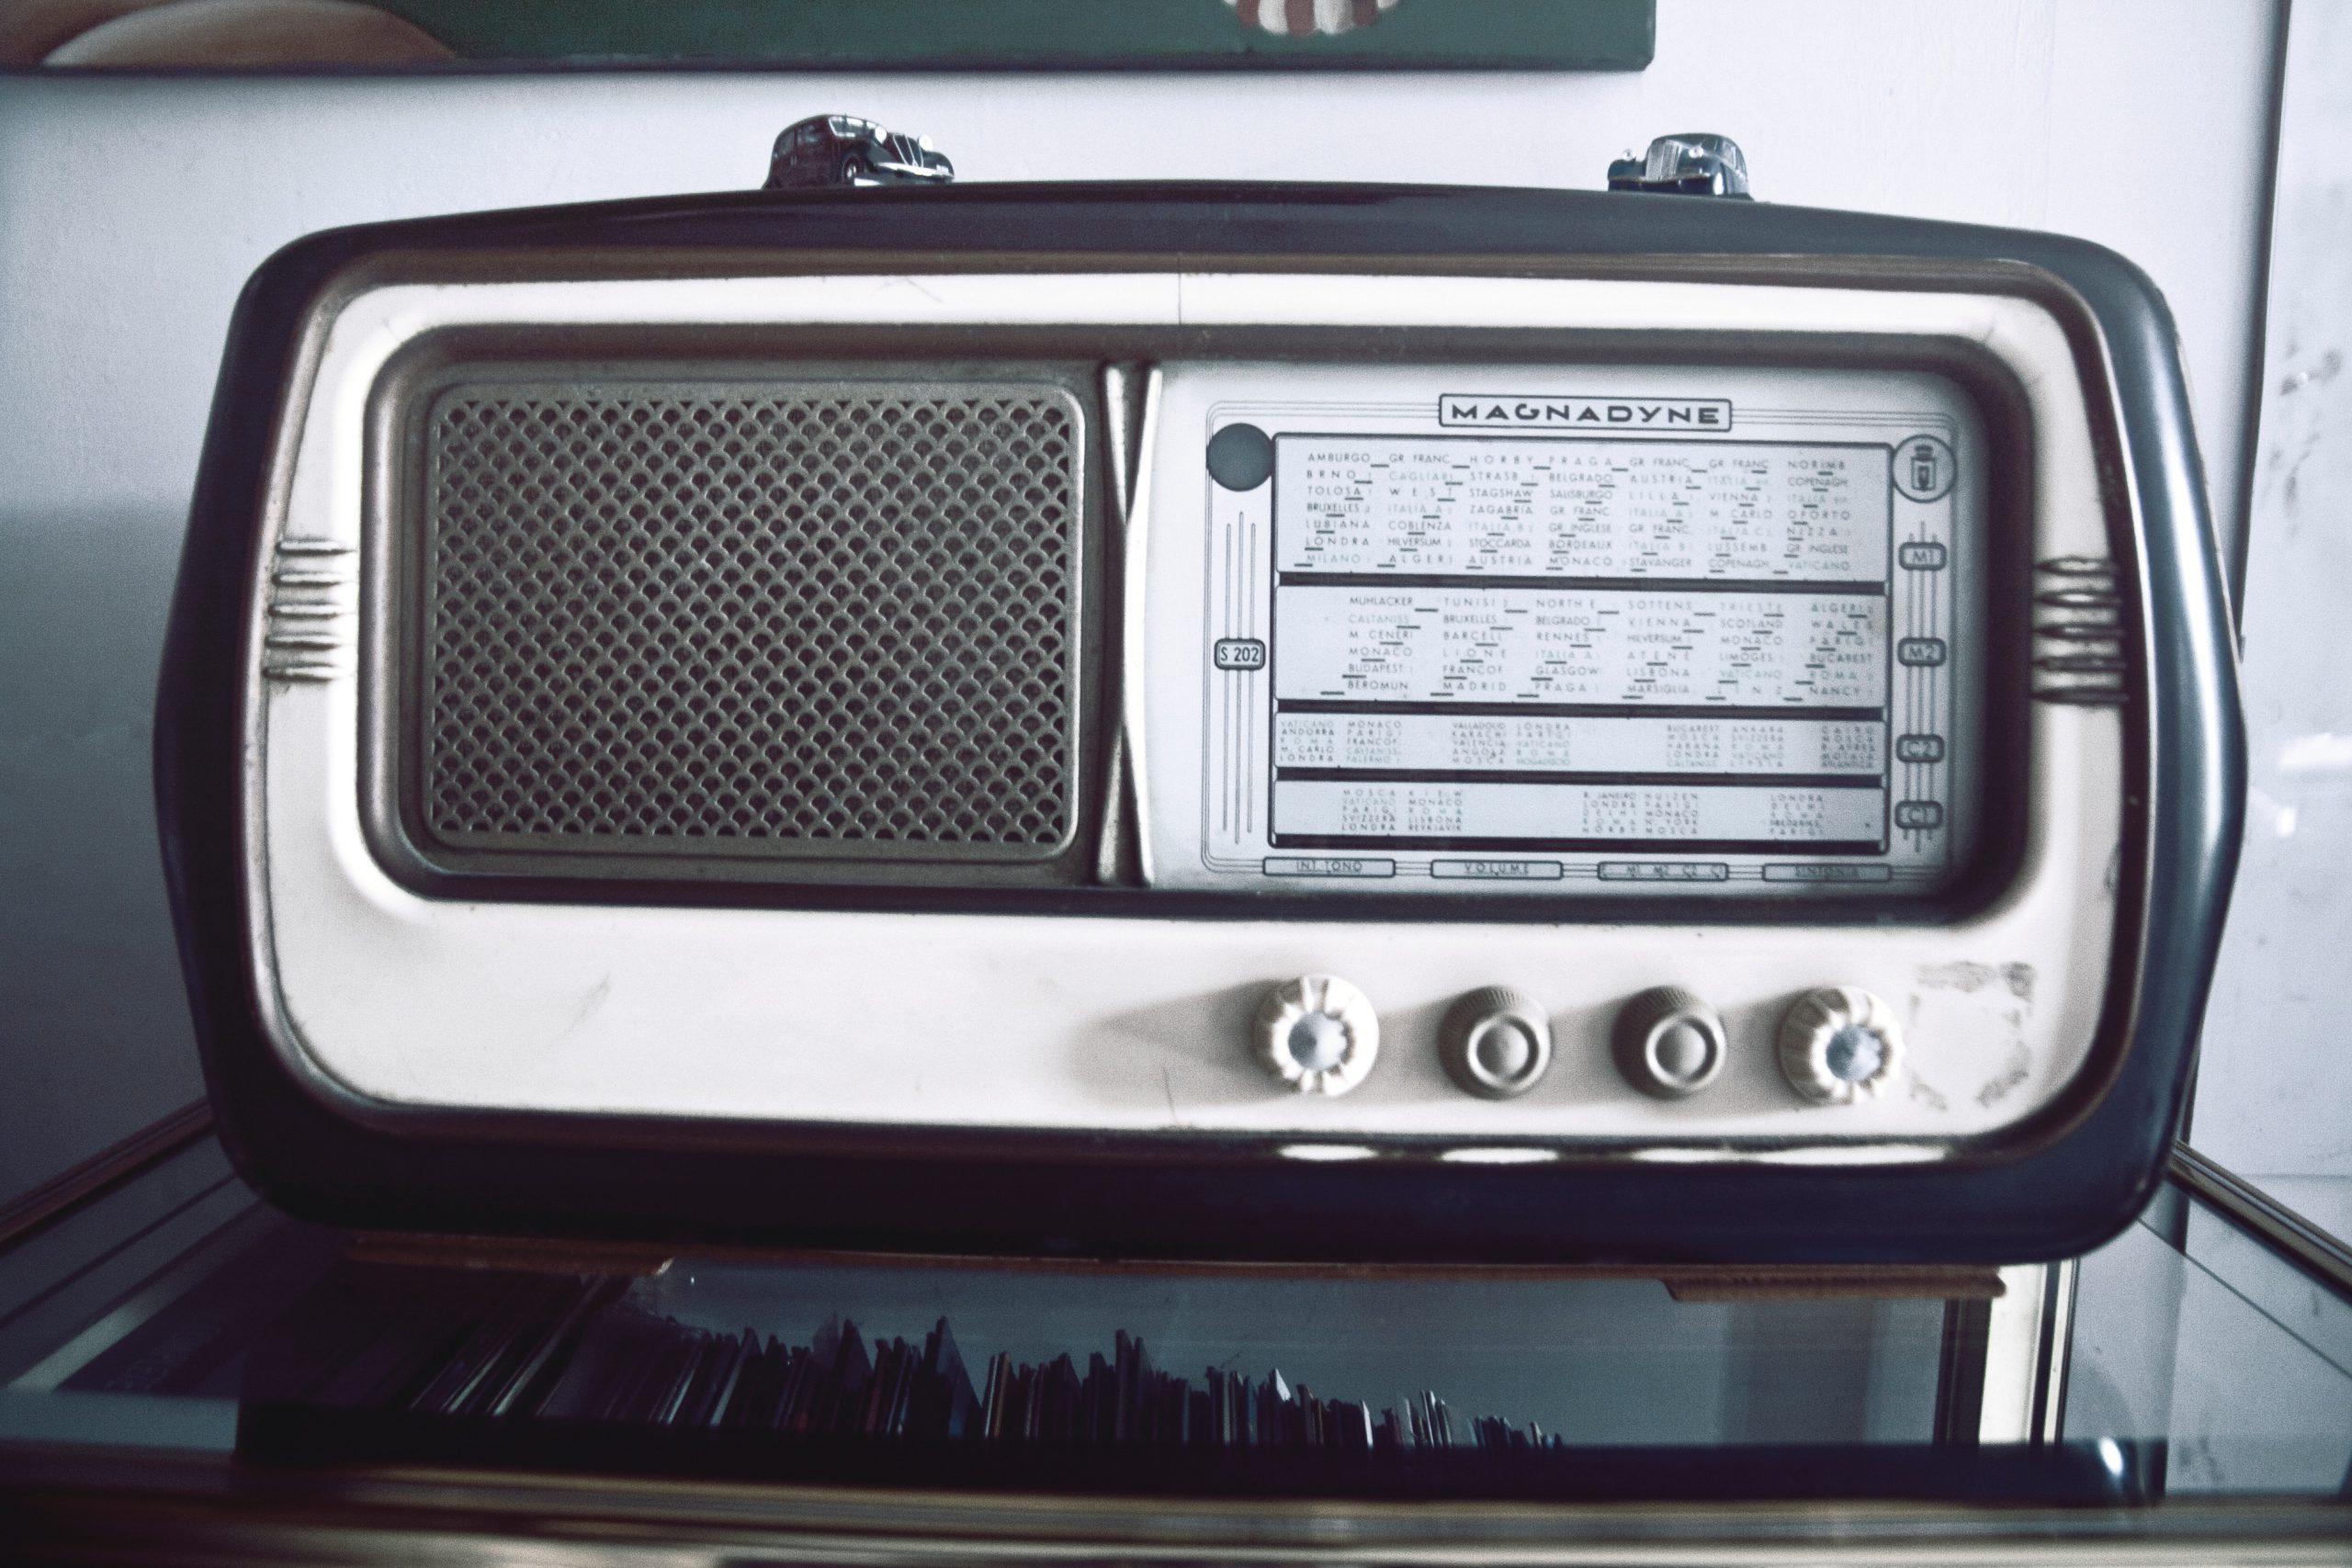 Pubquiz - Mannetje van de radio